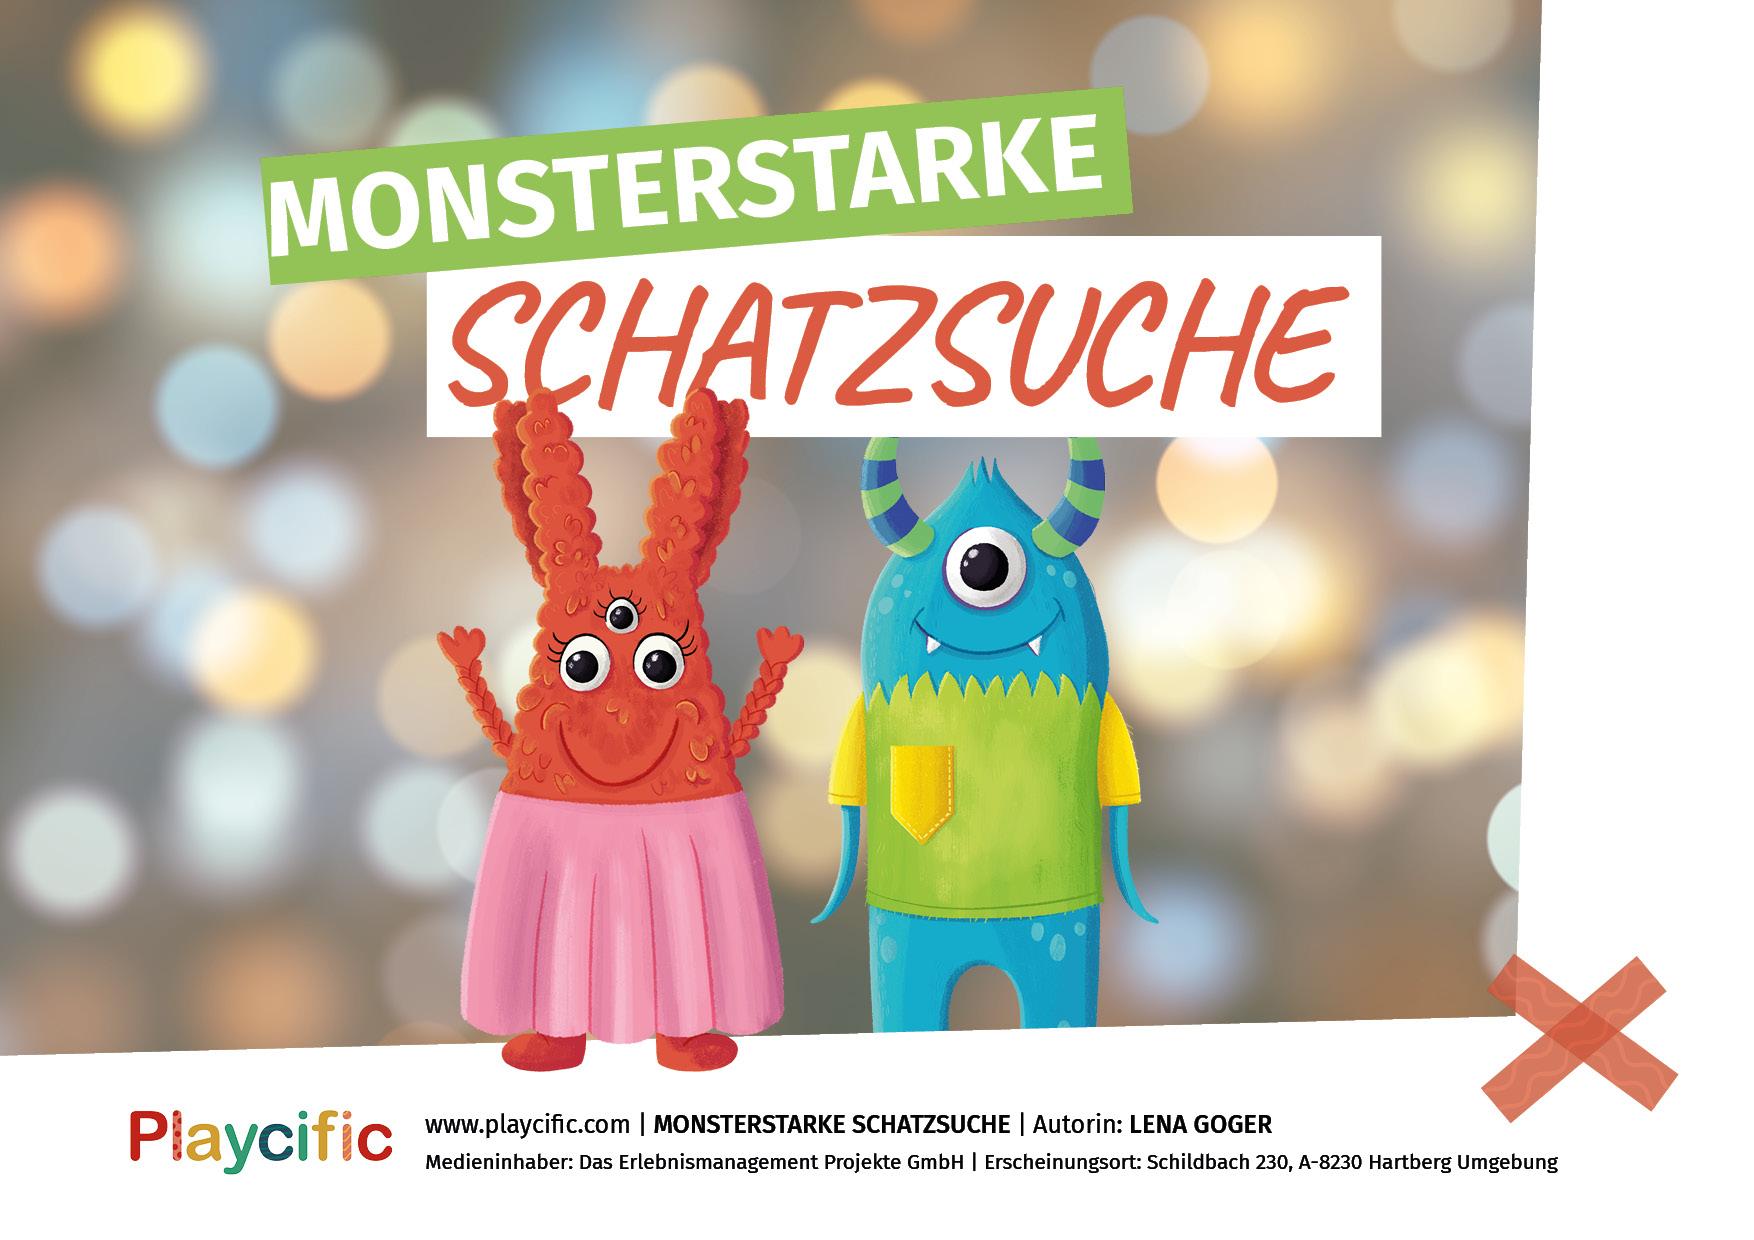 Monsterstarke Schatzsuche